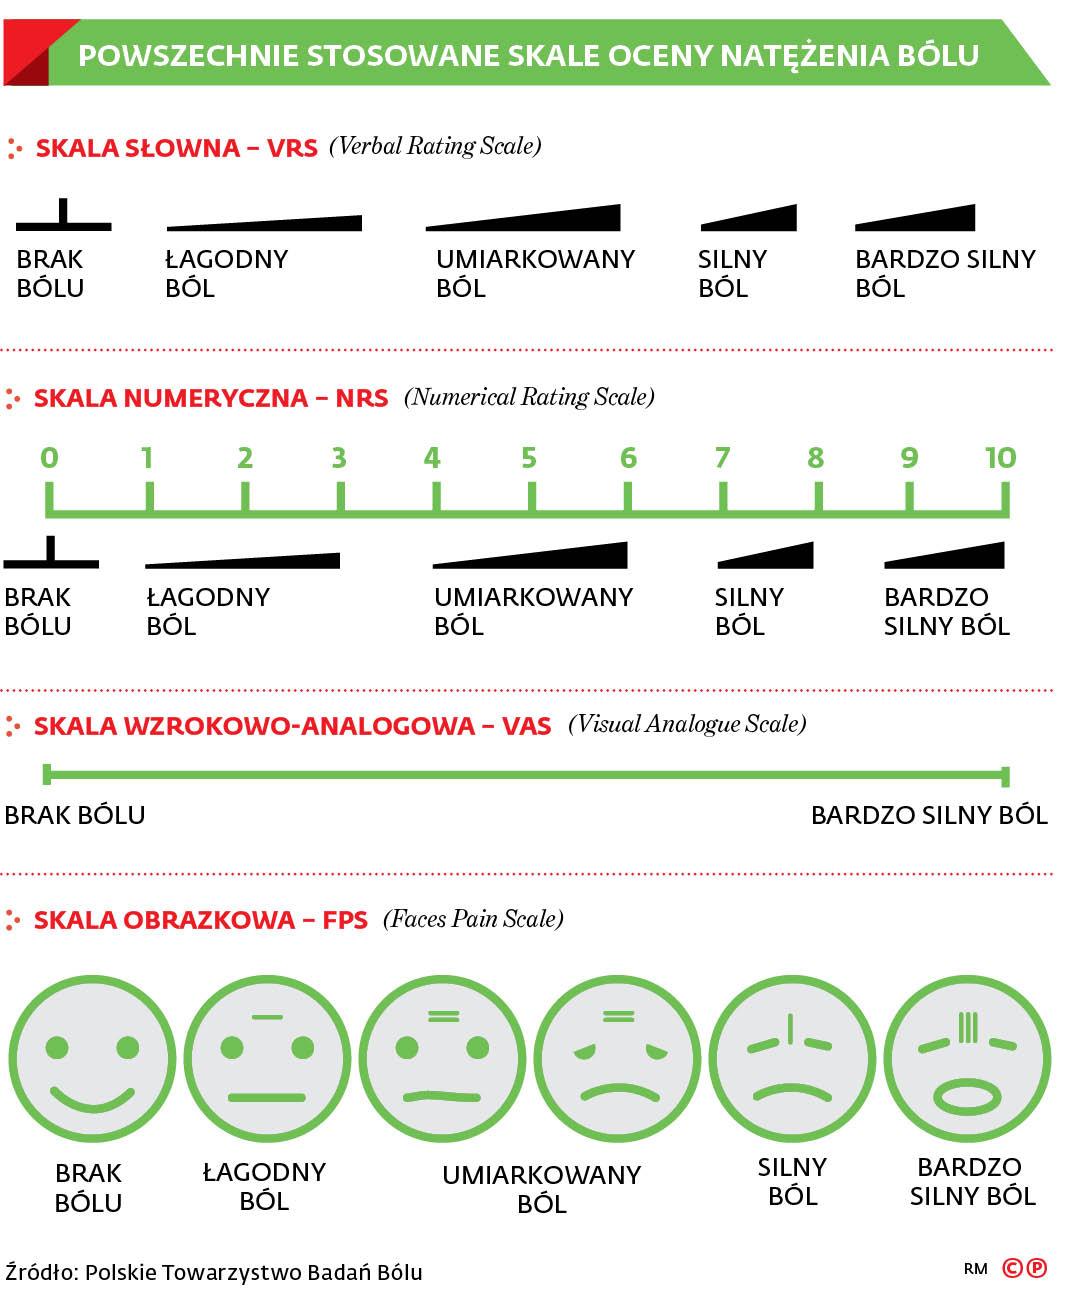 Powszechnie stosowane skale natężenia bólu